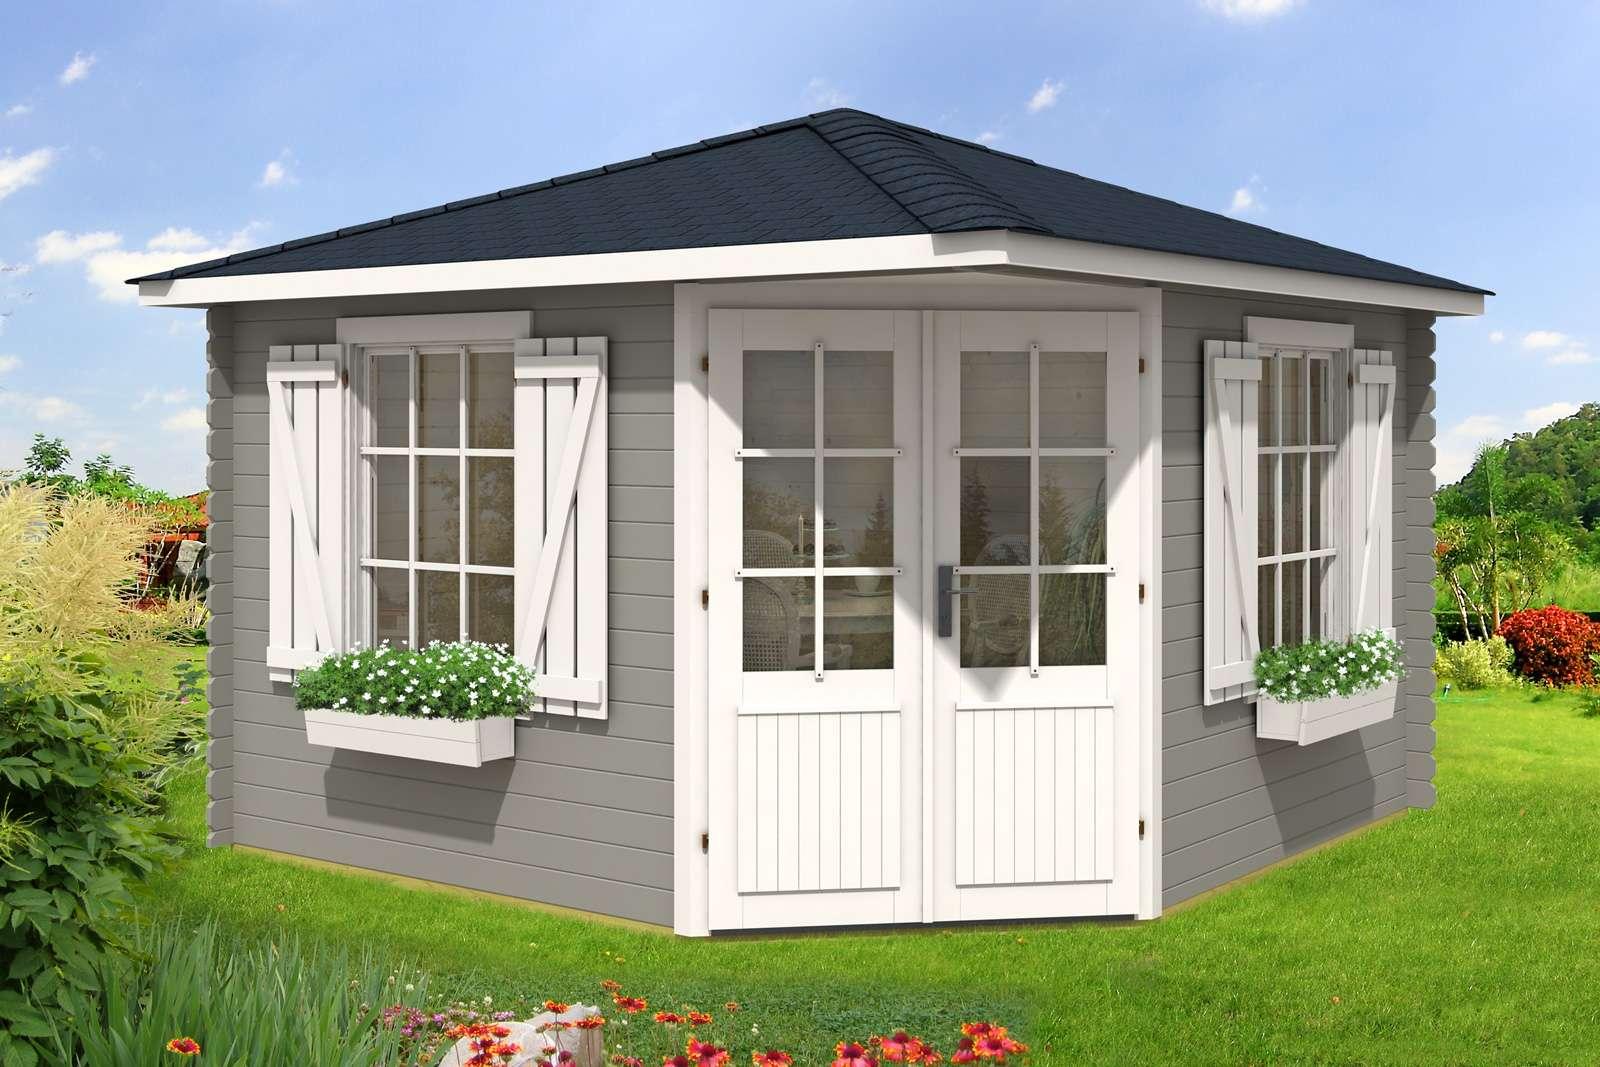 5-Eck Gartenhaus Monica-28 Royal 5-Eck Gartenhaus Monica-28 Royal